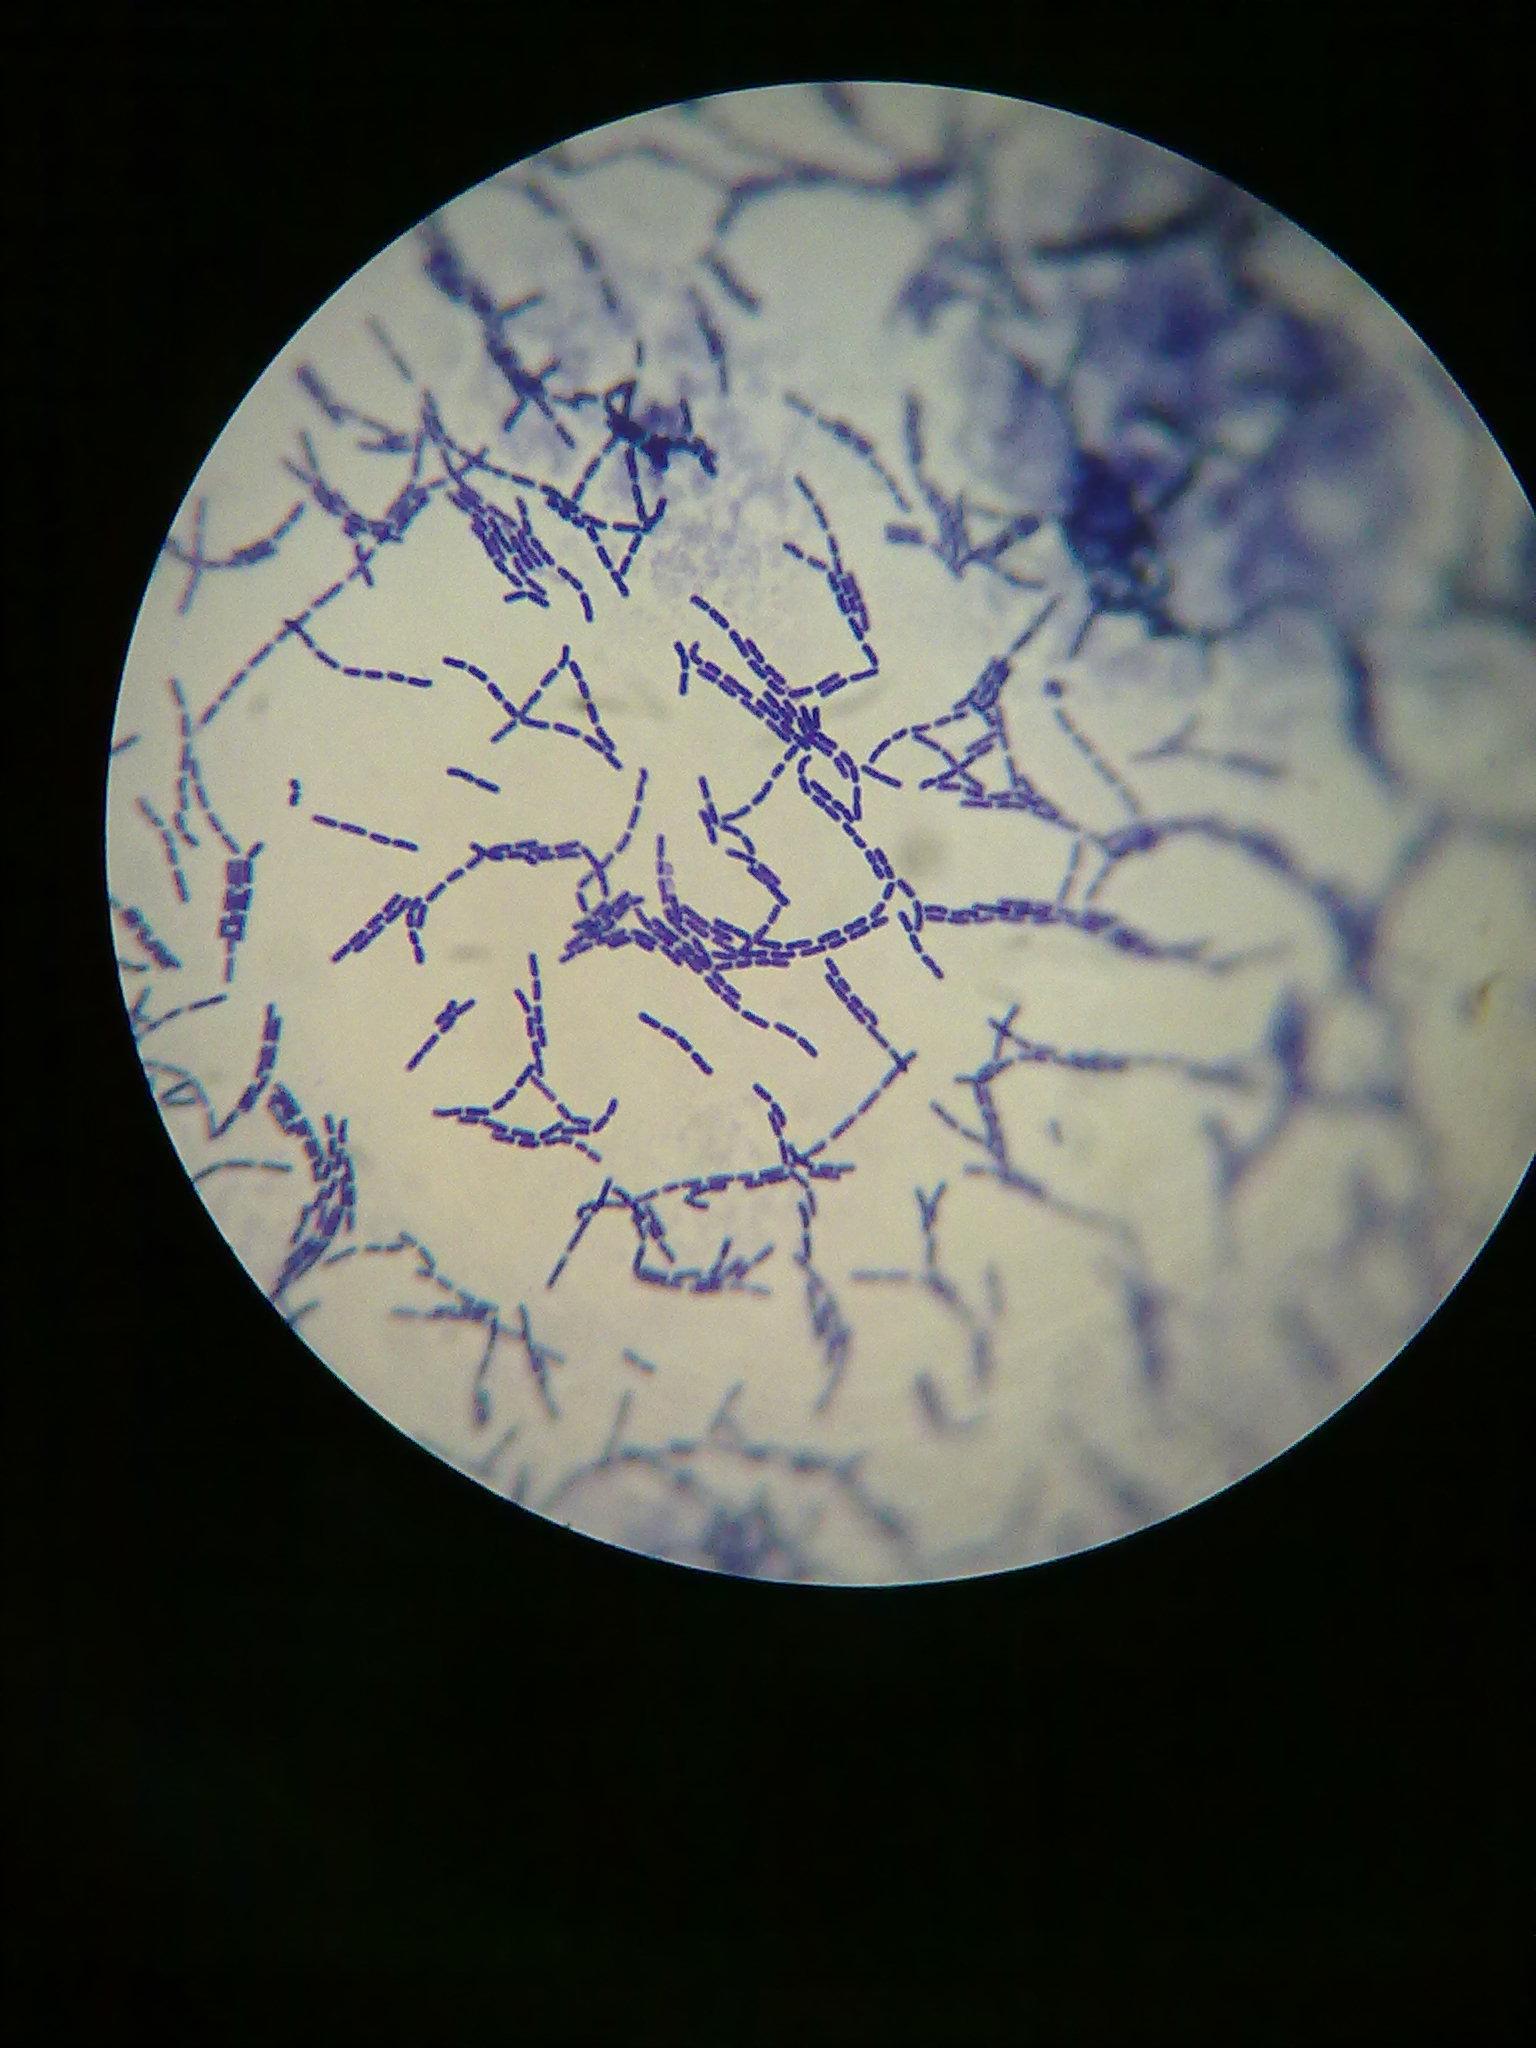 枯草芽孢杆菌如何做好革兰氏染色?具体步骤?谢谢!